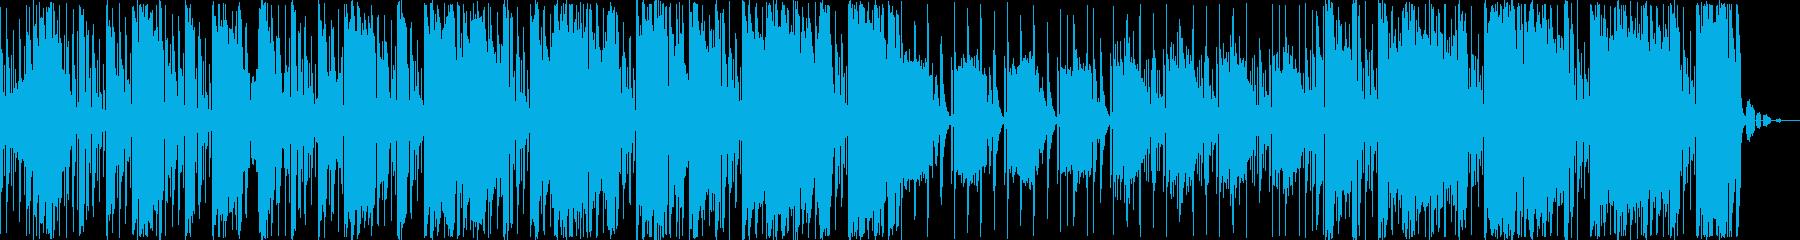 ヒップホップダブステップグルーヴ。...の再生済みの波形